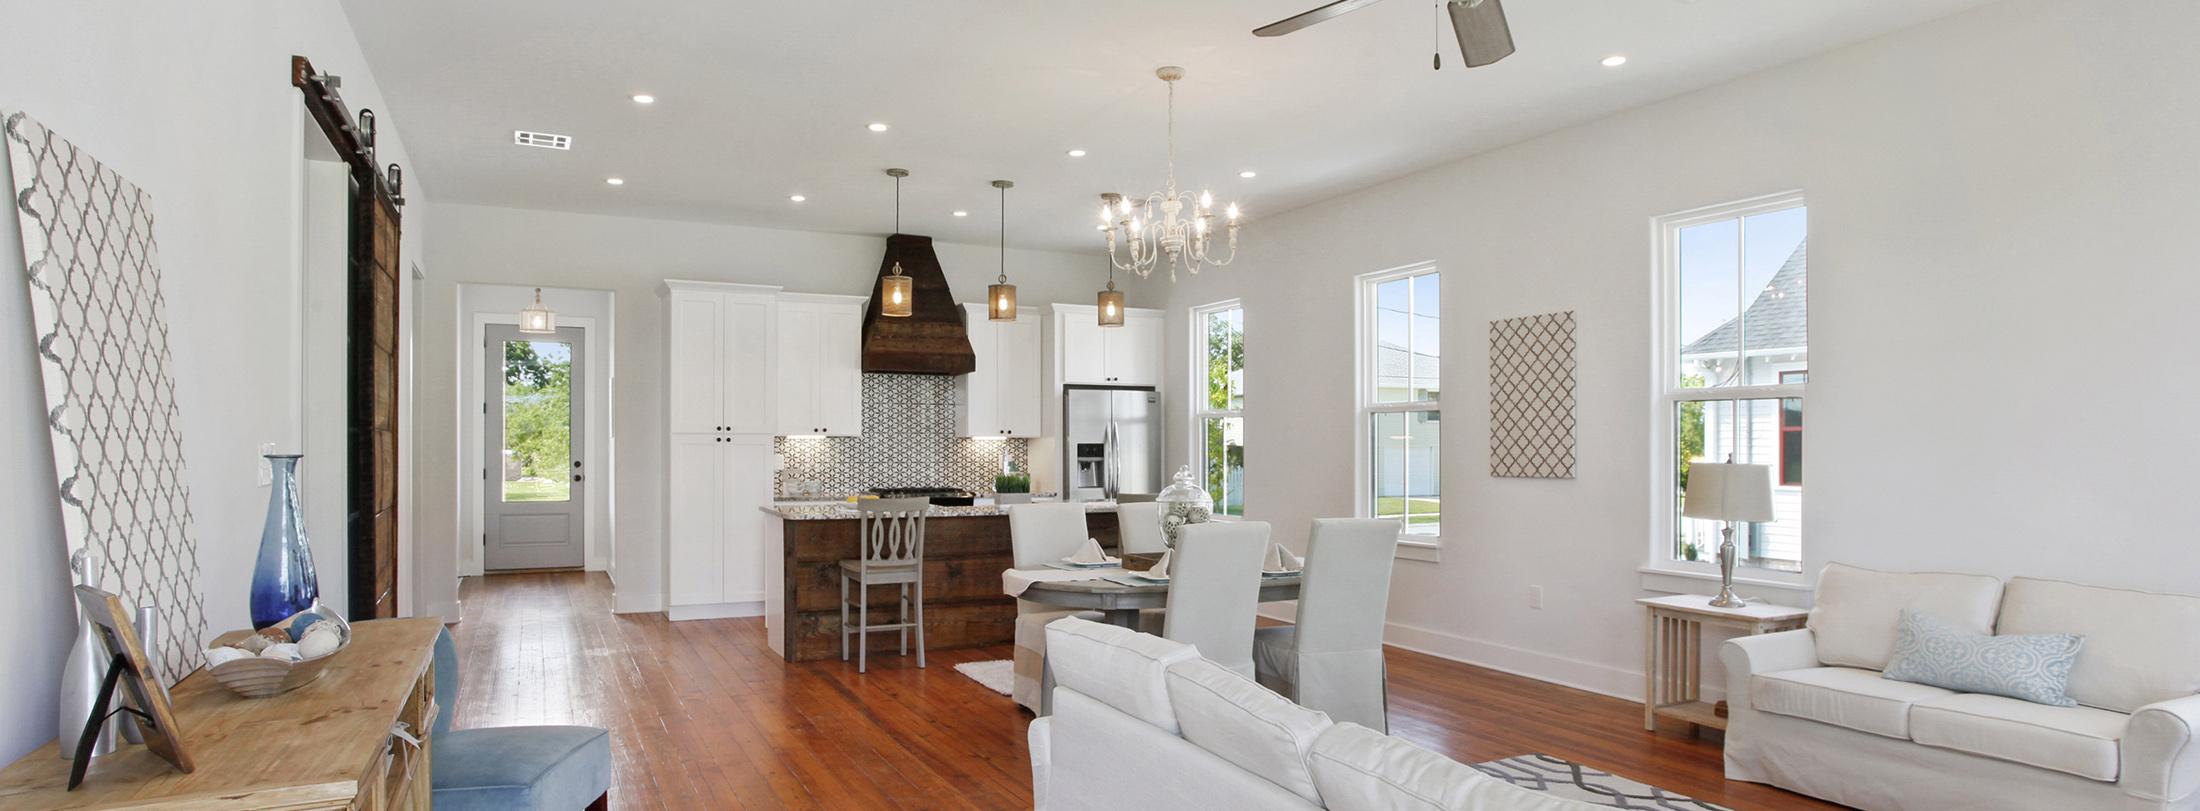 LaGraize Builders | New Orleans | Real Estate Developer | Licensed ...